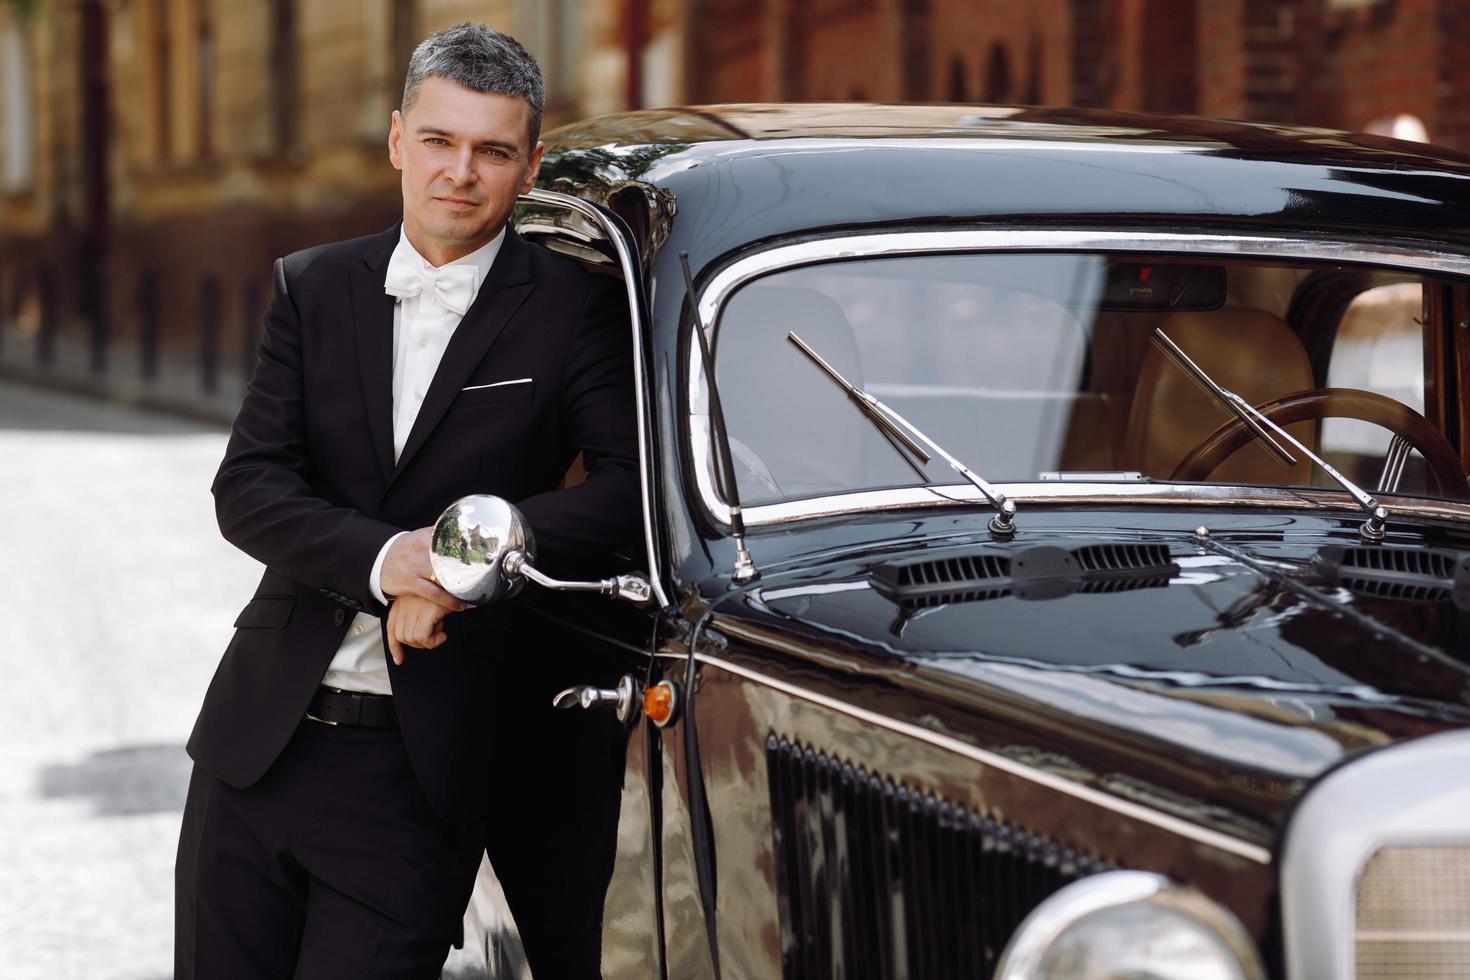 knappe bruidegom in zwarte smoking vormt voor een zwarte retro auto foto